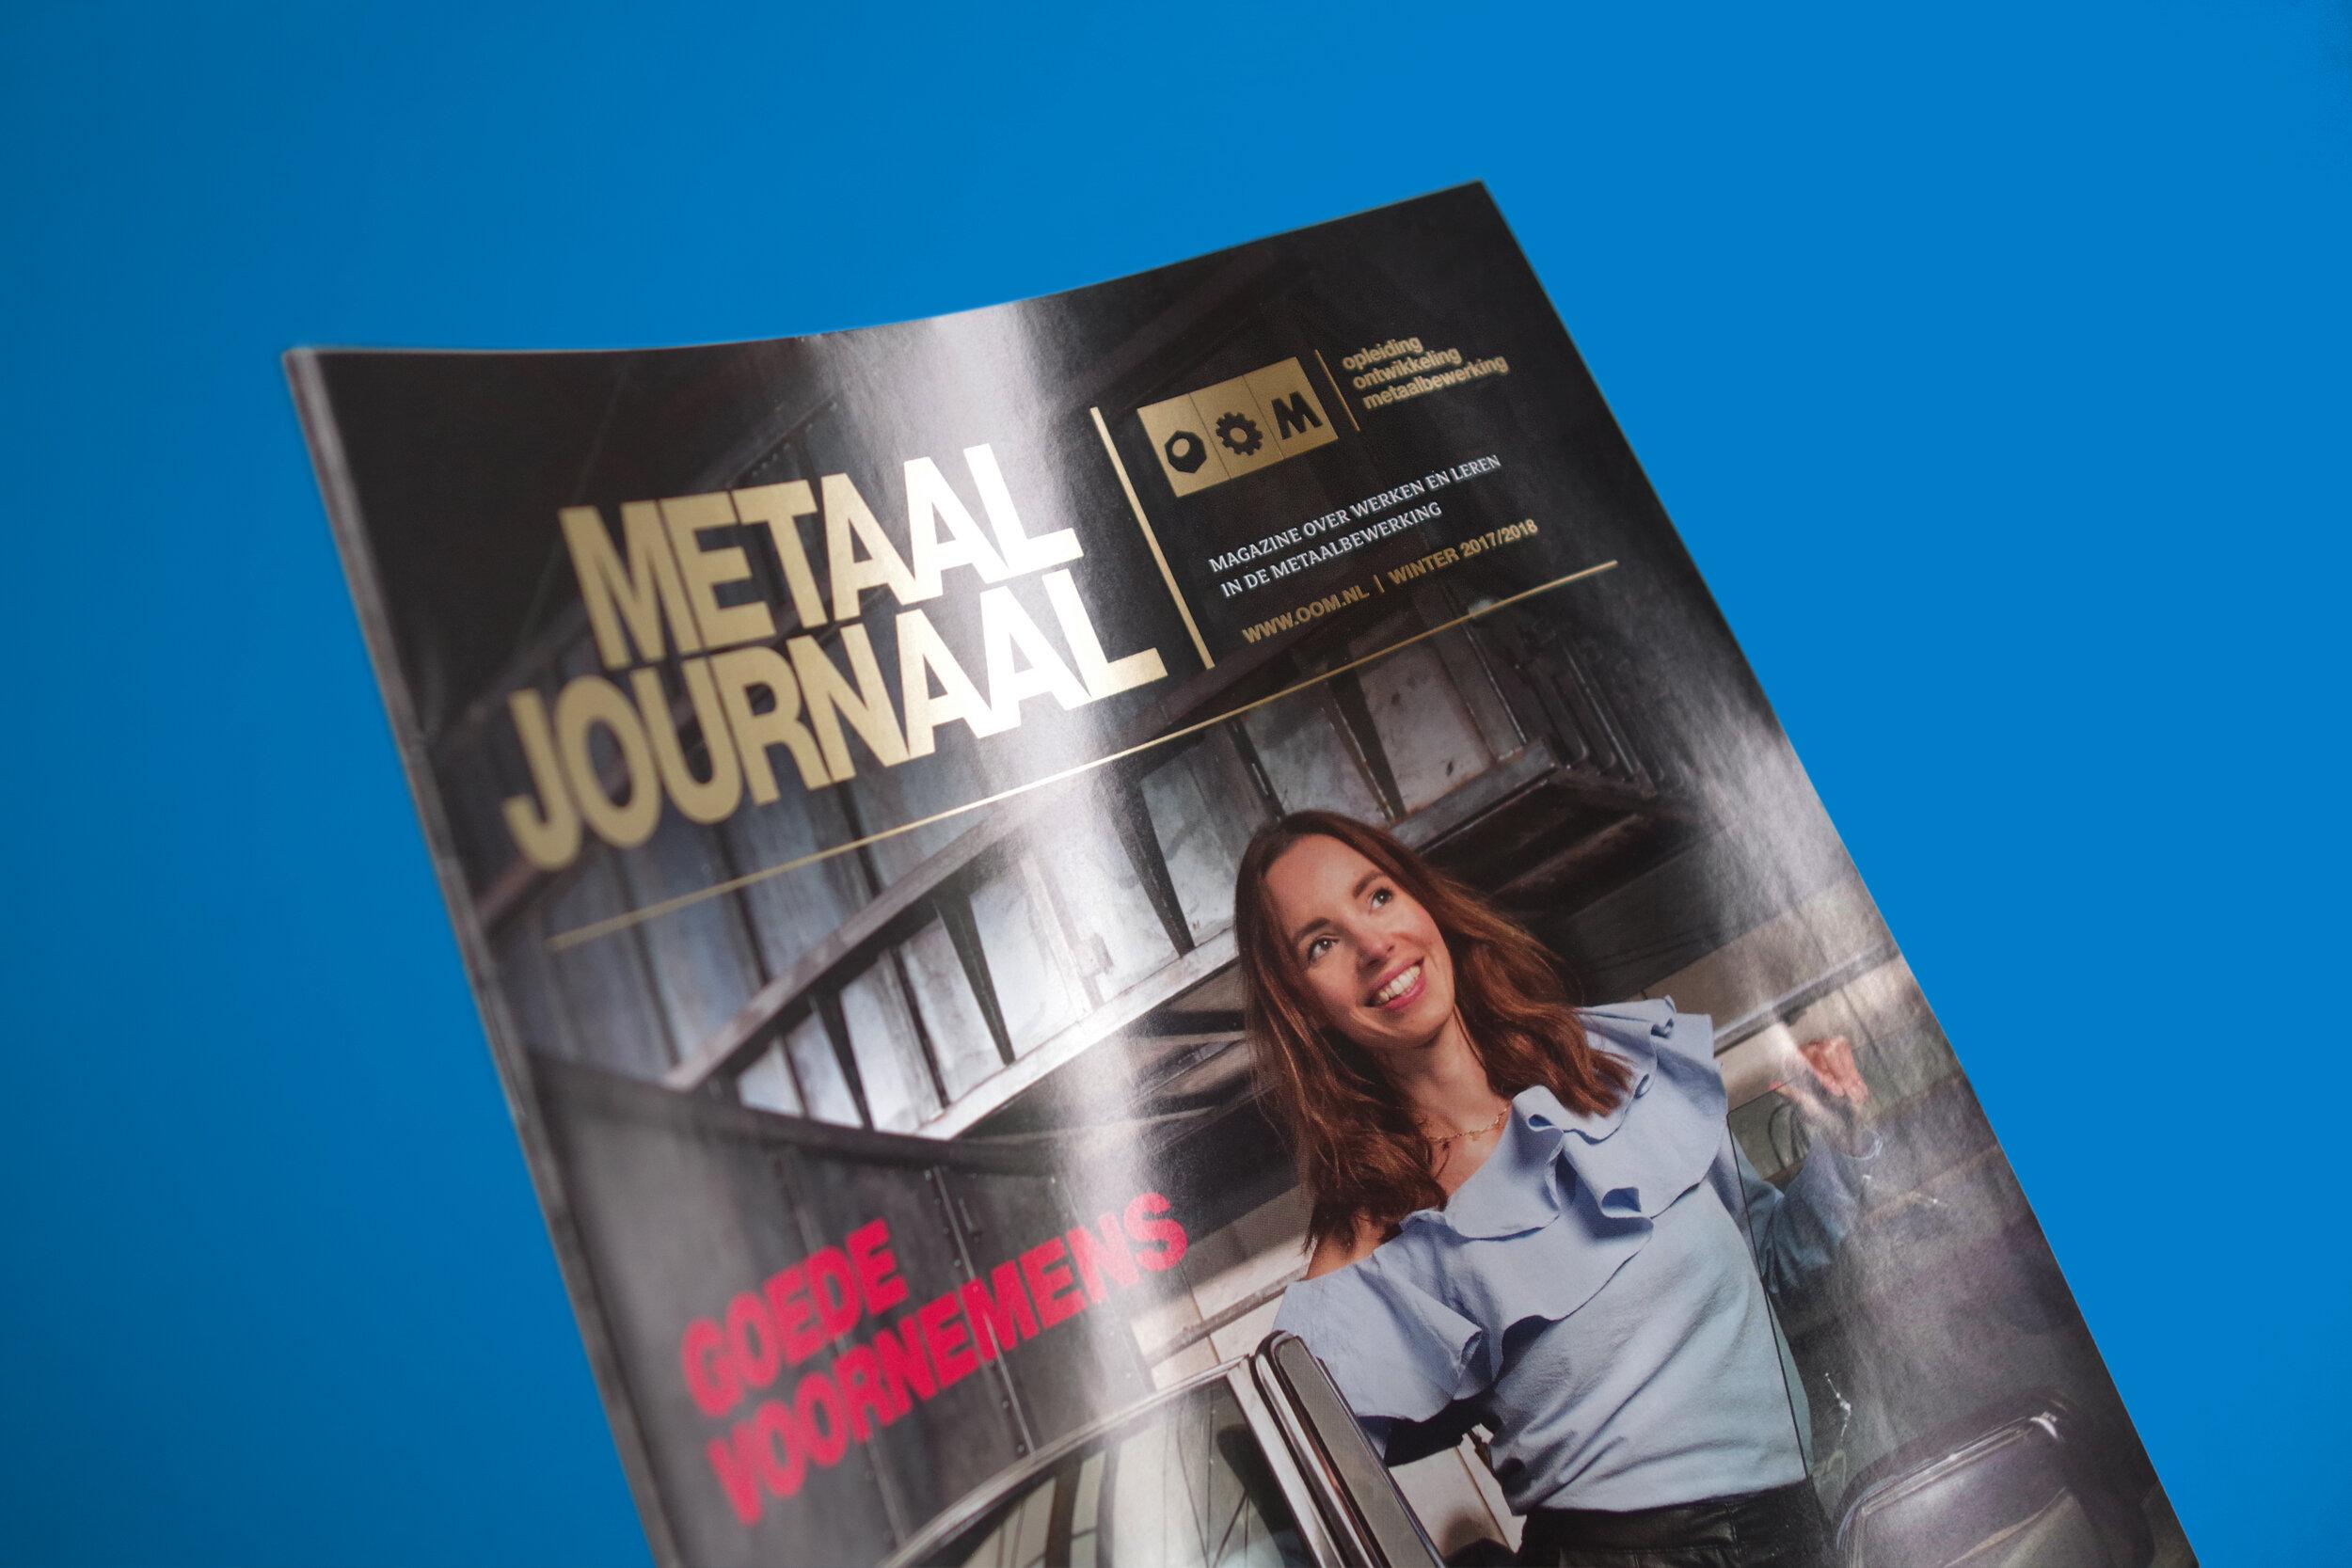 08_Metaaljournaal.jpg